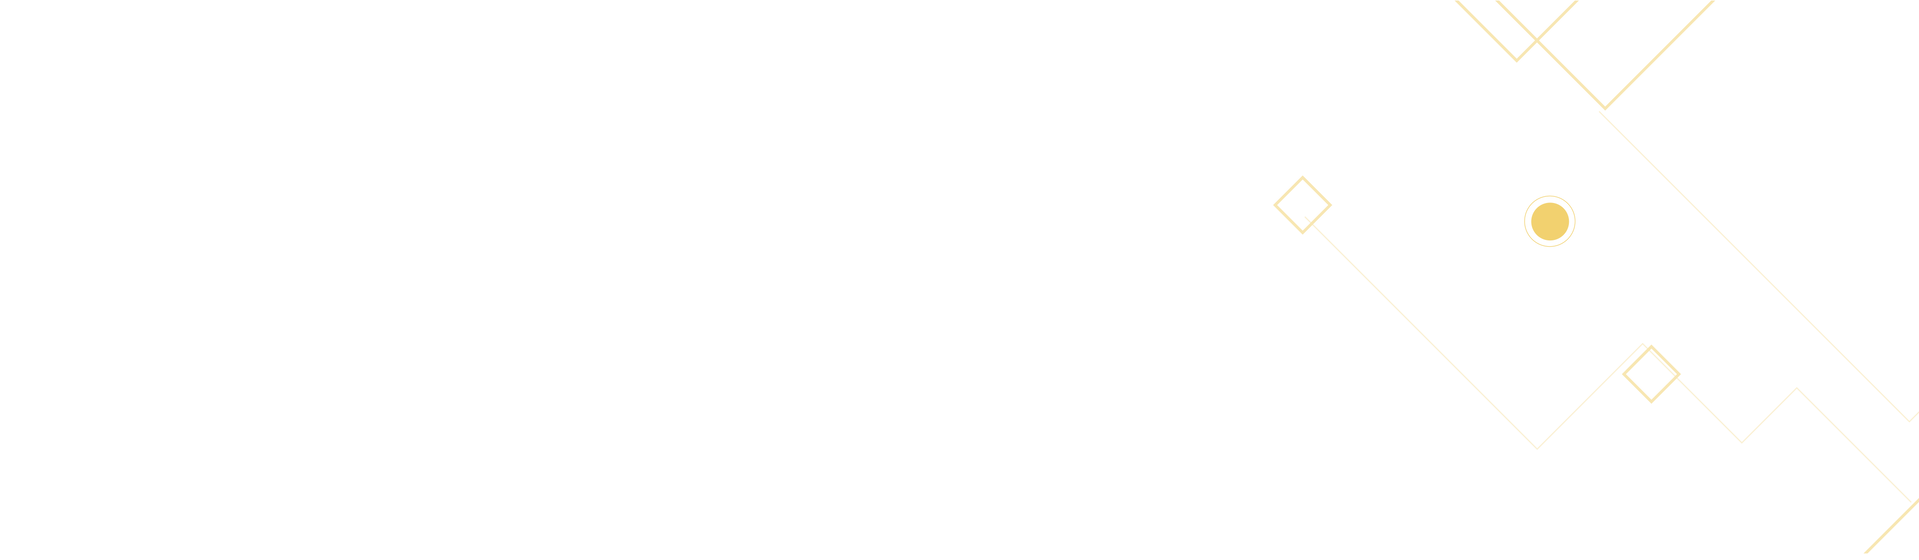 vectorartforslider-01.png